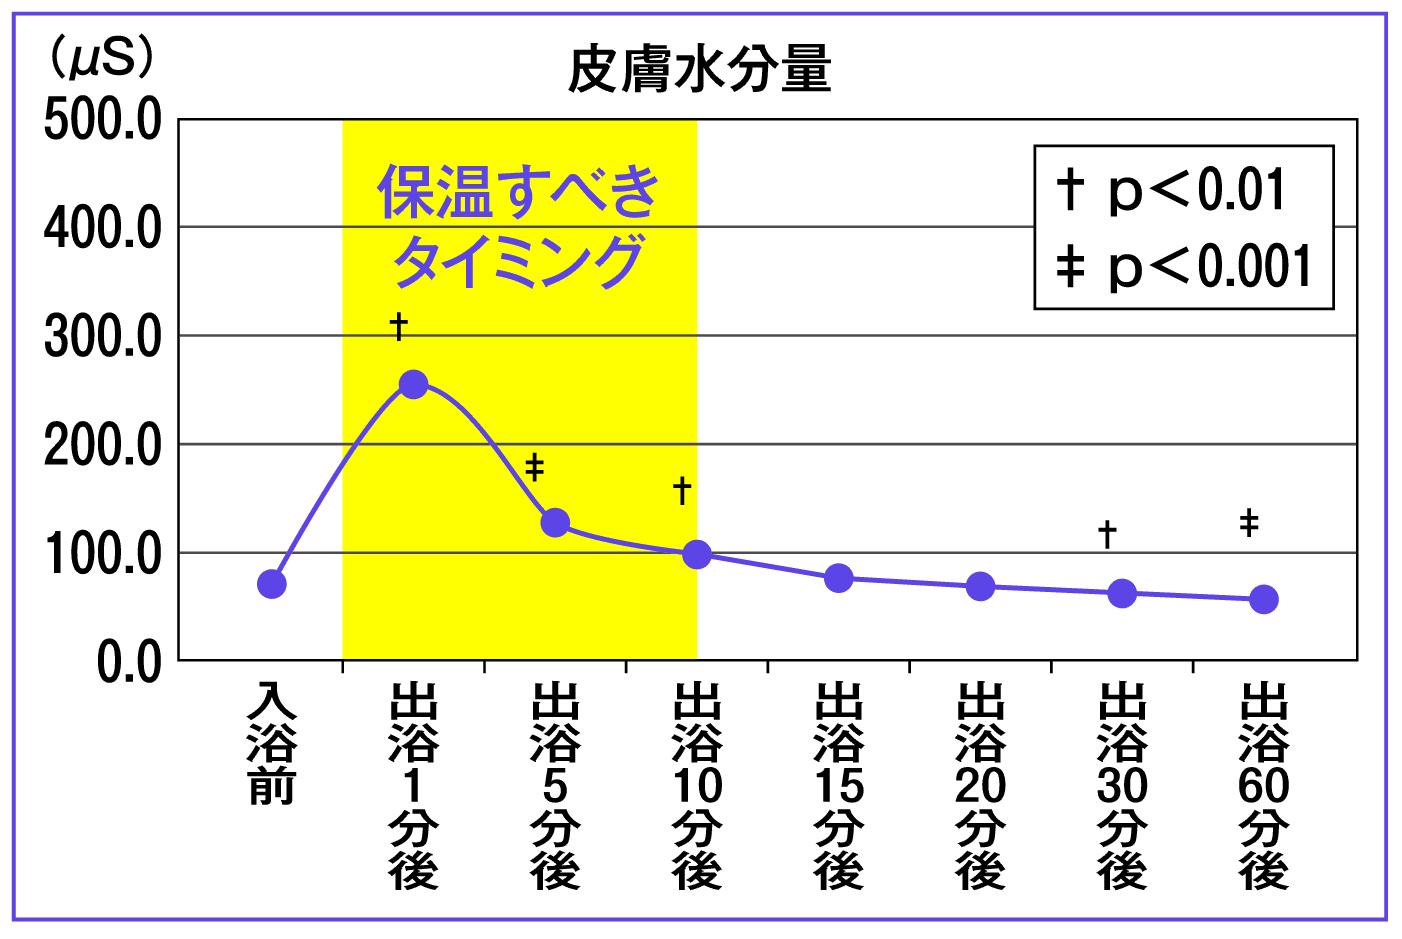 皮膚水分量を入浴後の時間ごとにグラフ化したもの